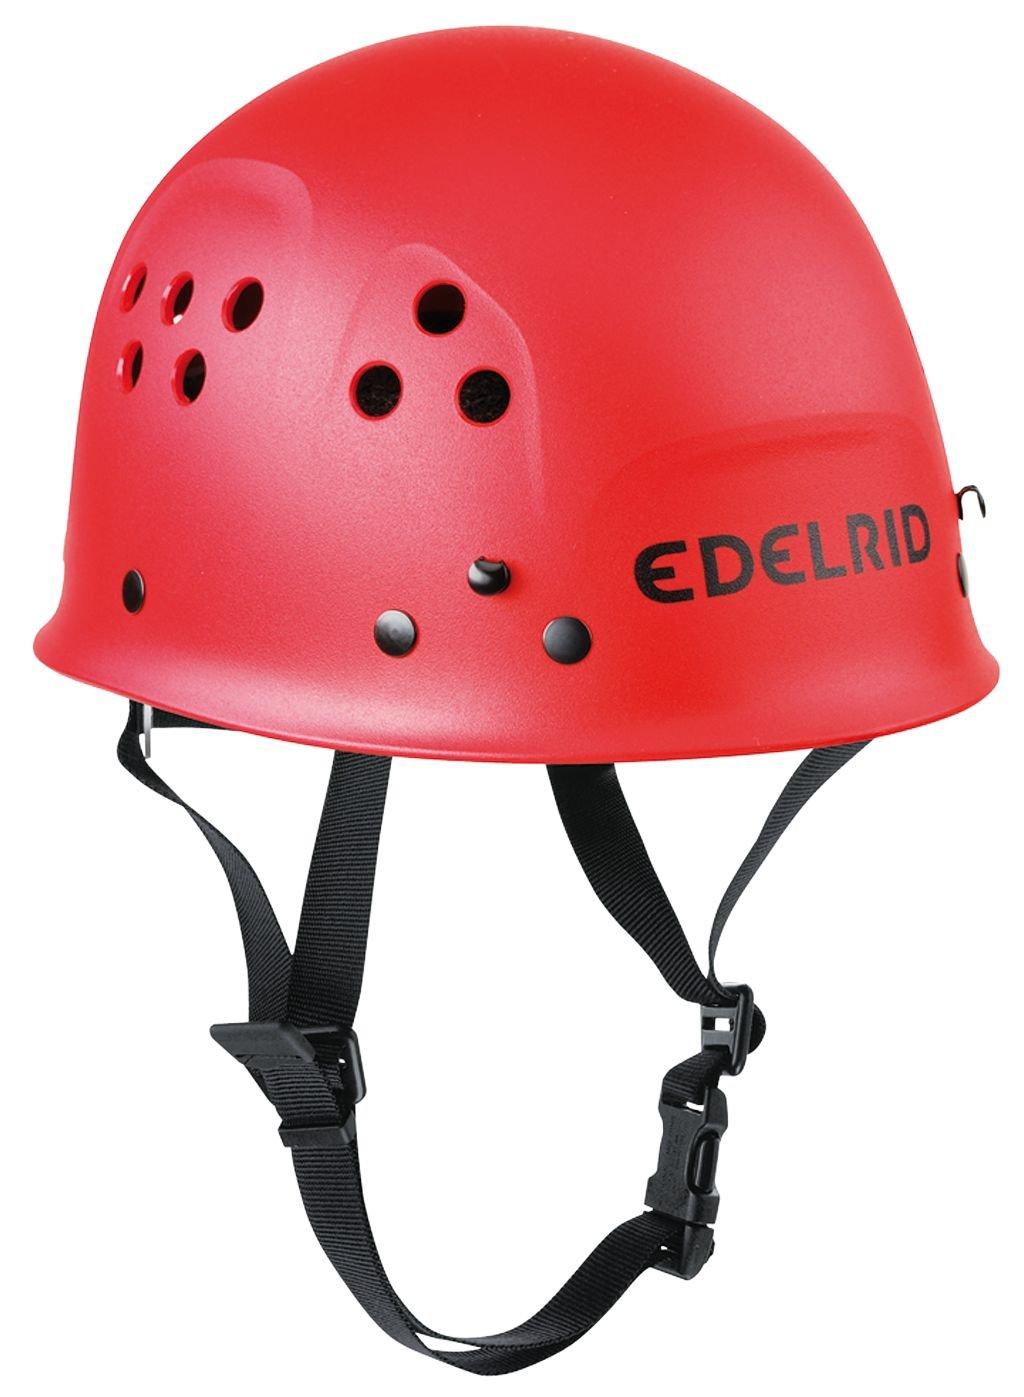 EDELRID - Ultralight Hardshell Helmet, Red